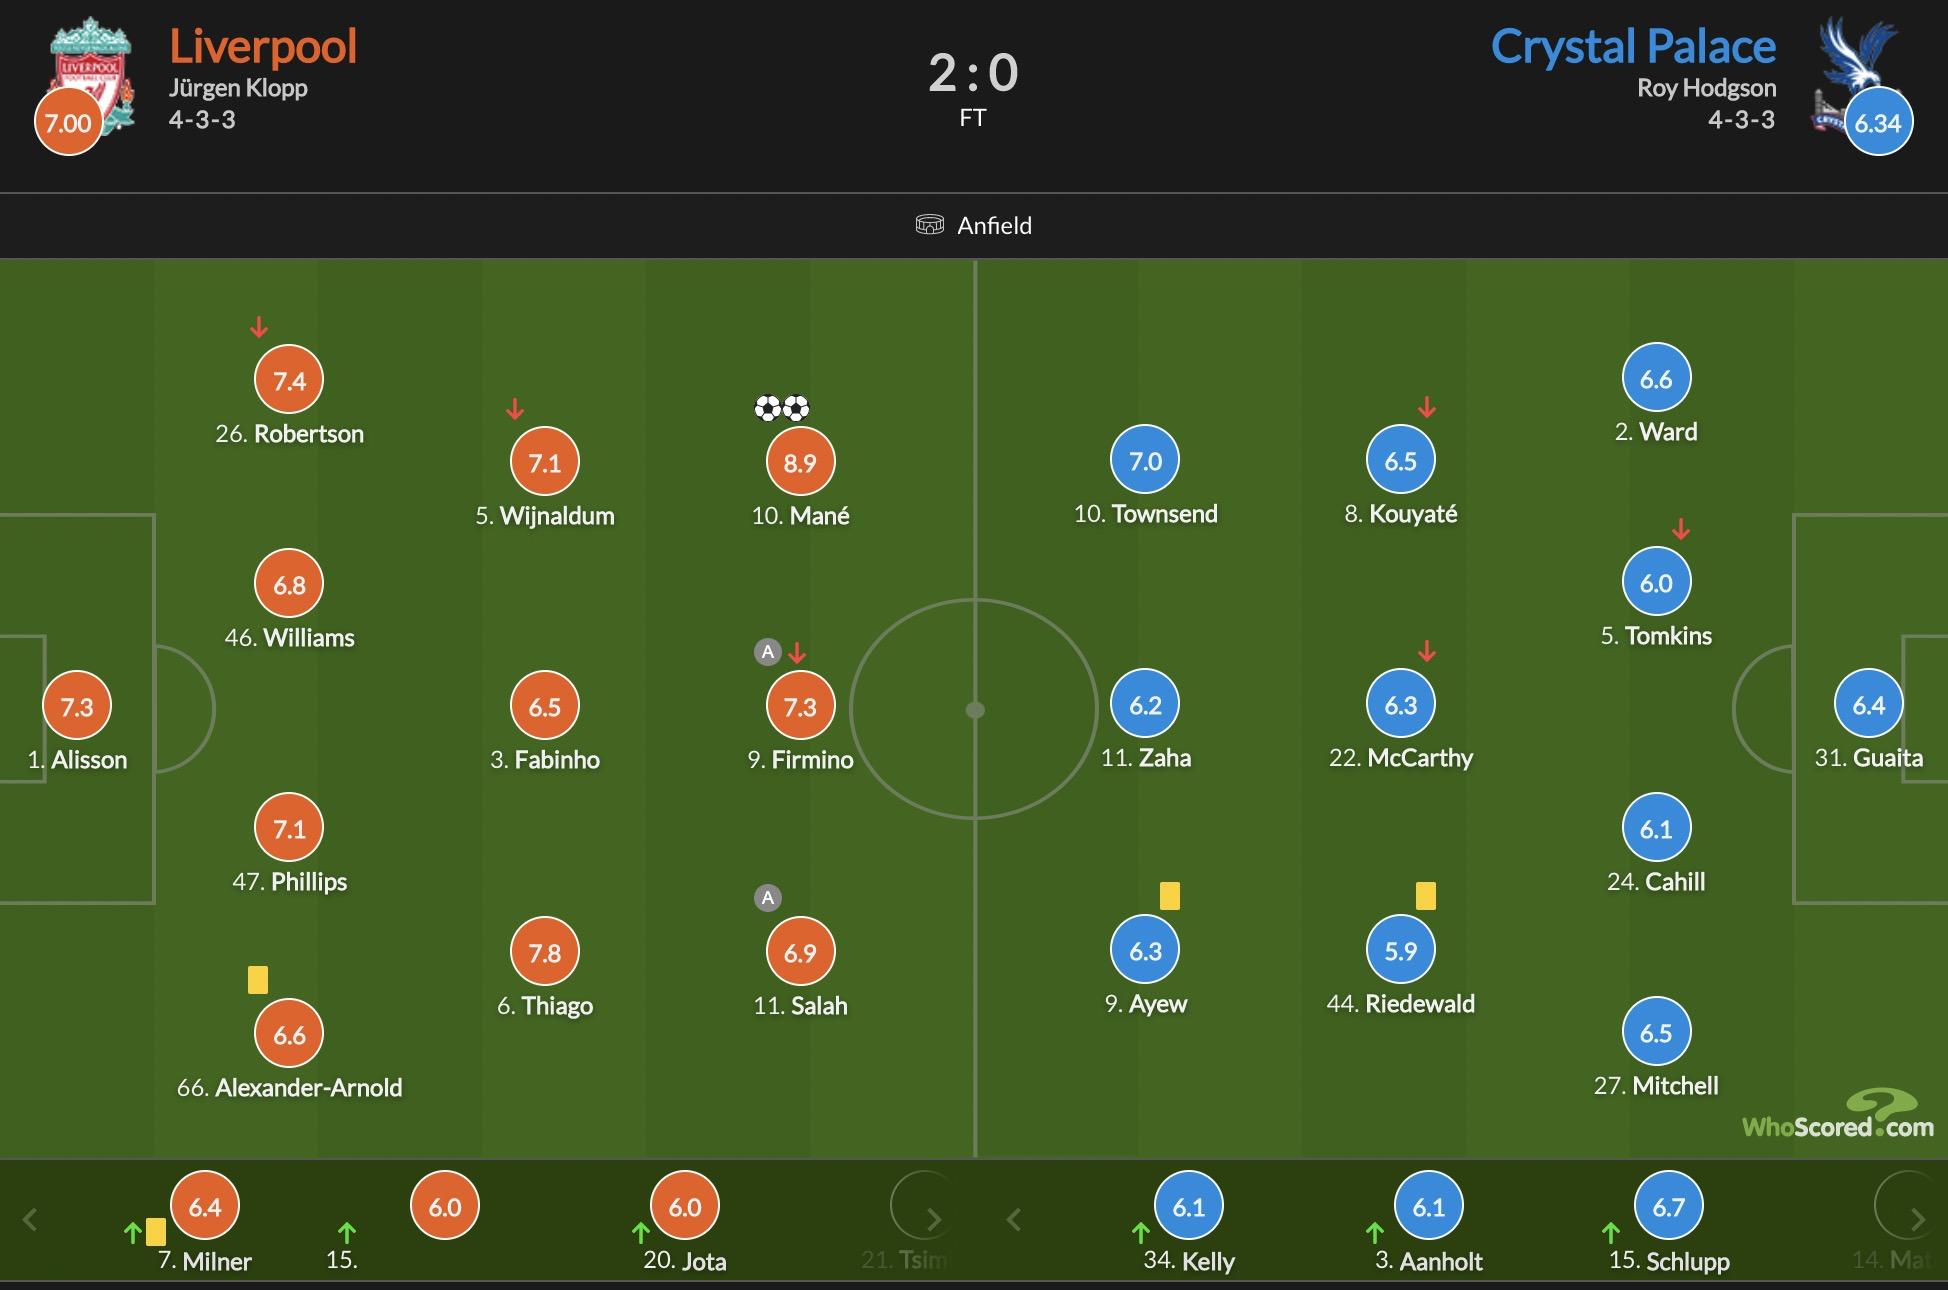 马内双响萨拉赫失良机,利物浦2-0水晶宫锁定前四进军欧冠插图14